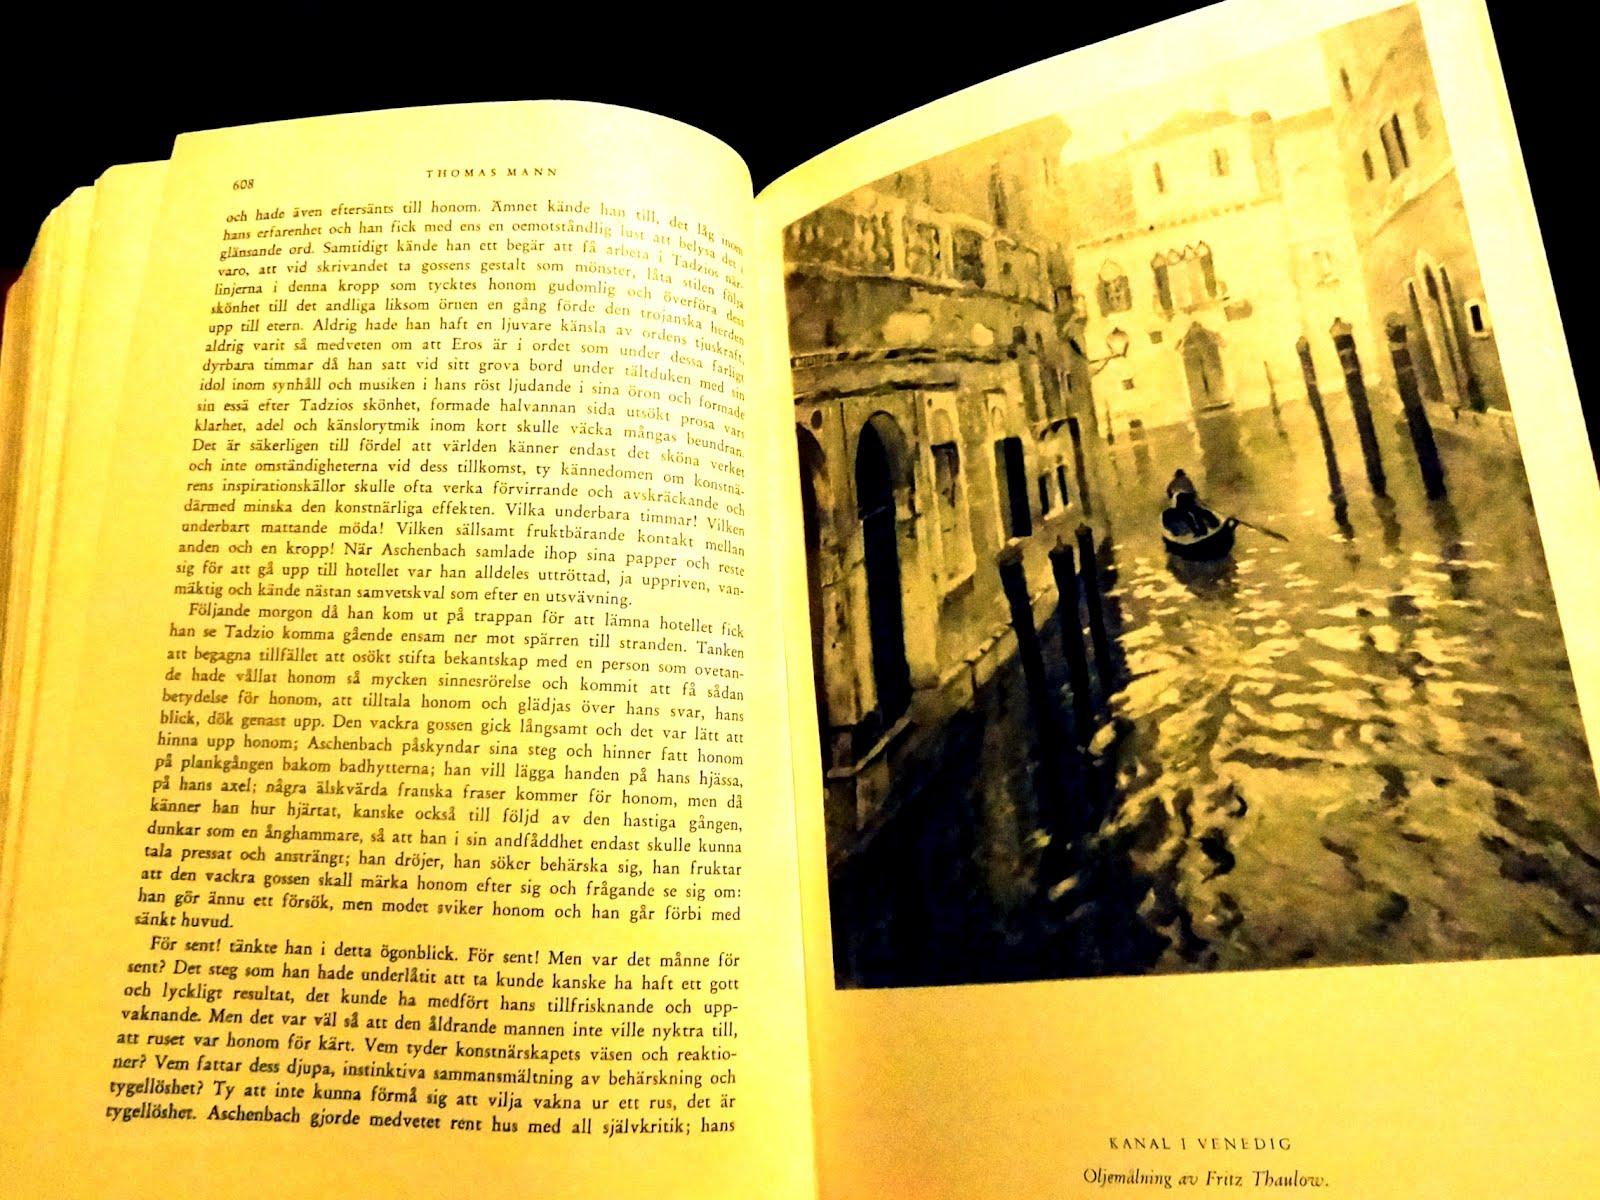 Bortglomd twain novell med litterar utmaning